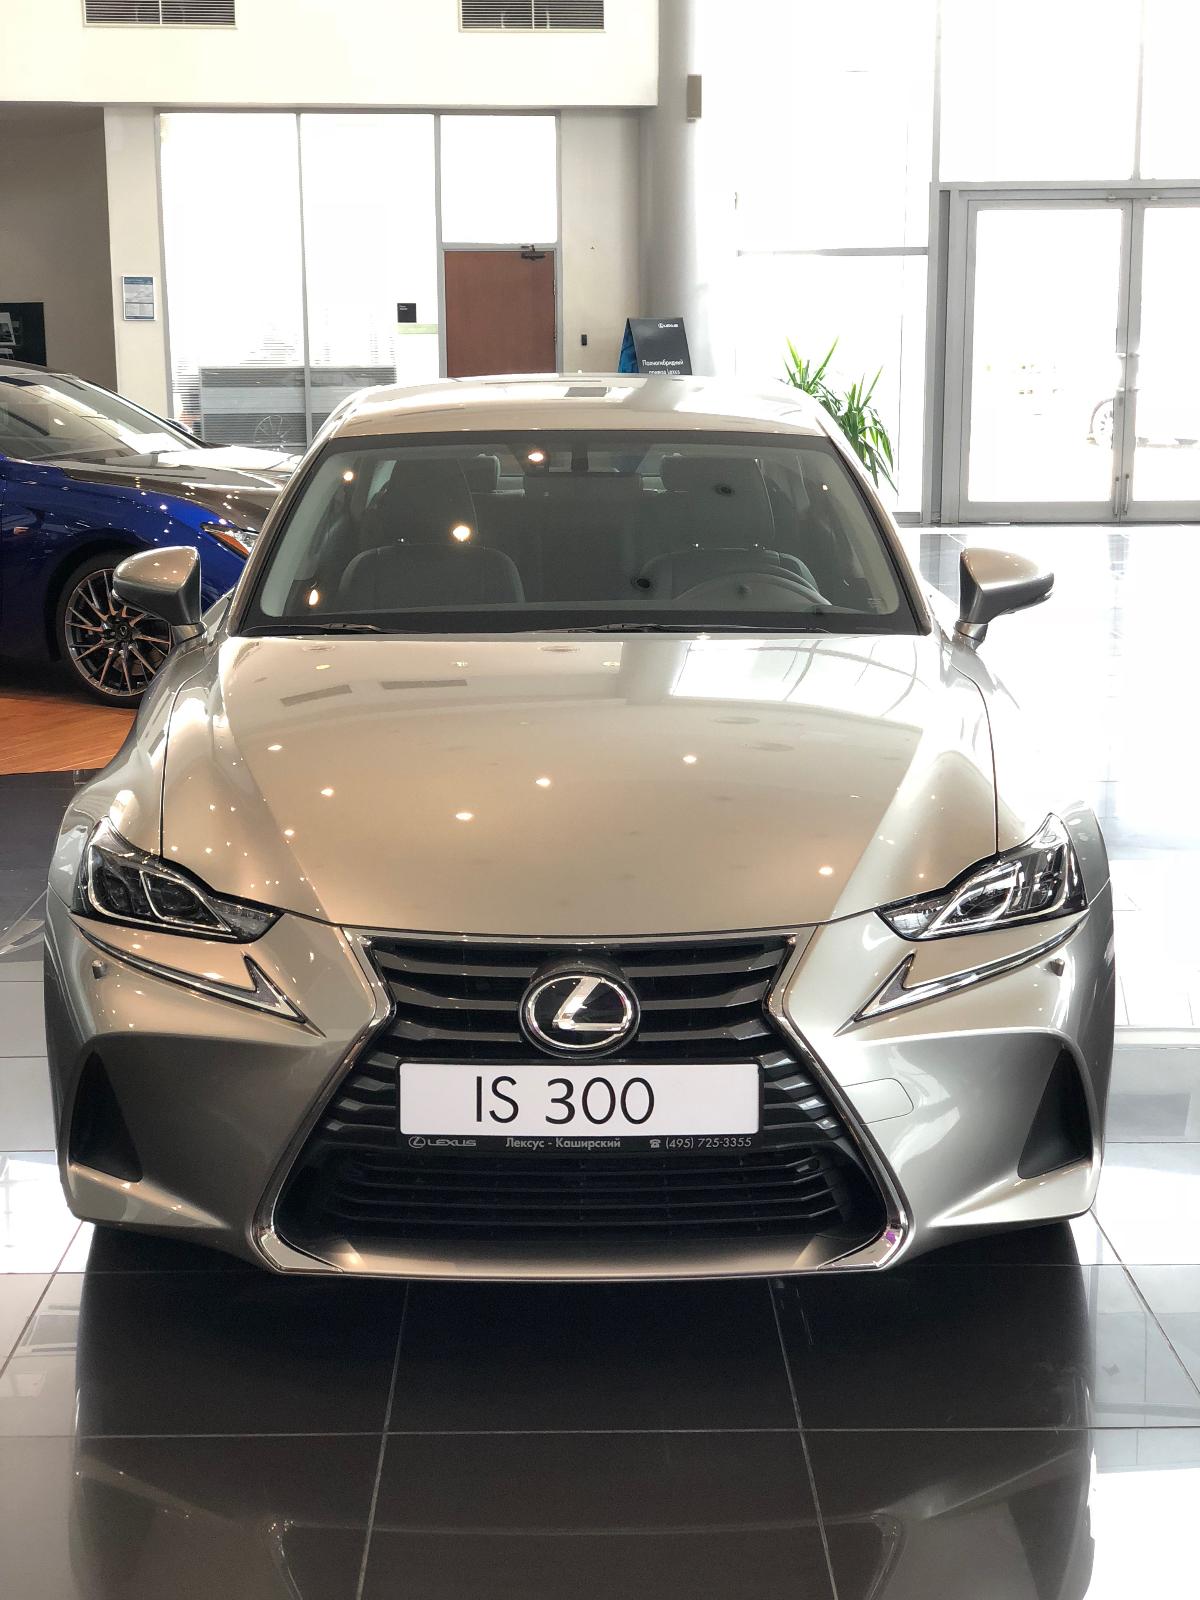 Lexus Is 300 2018 гЛимитированная серия.Проверка ЛКПЦена :2 млн 650 тыс руб.